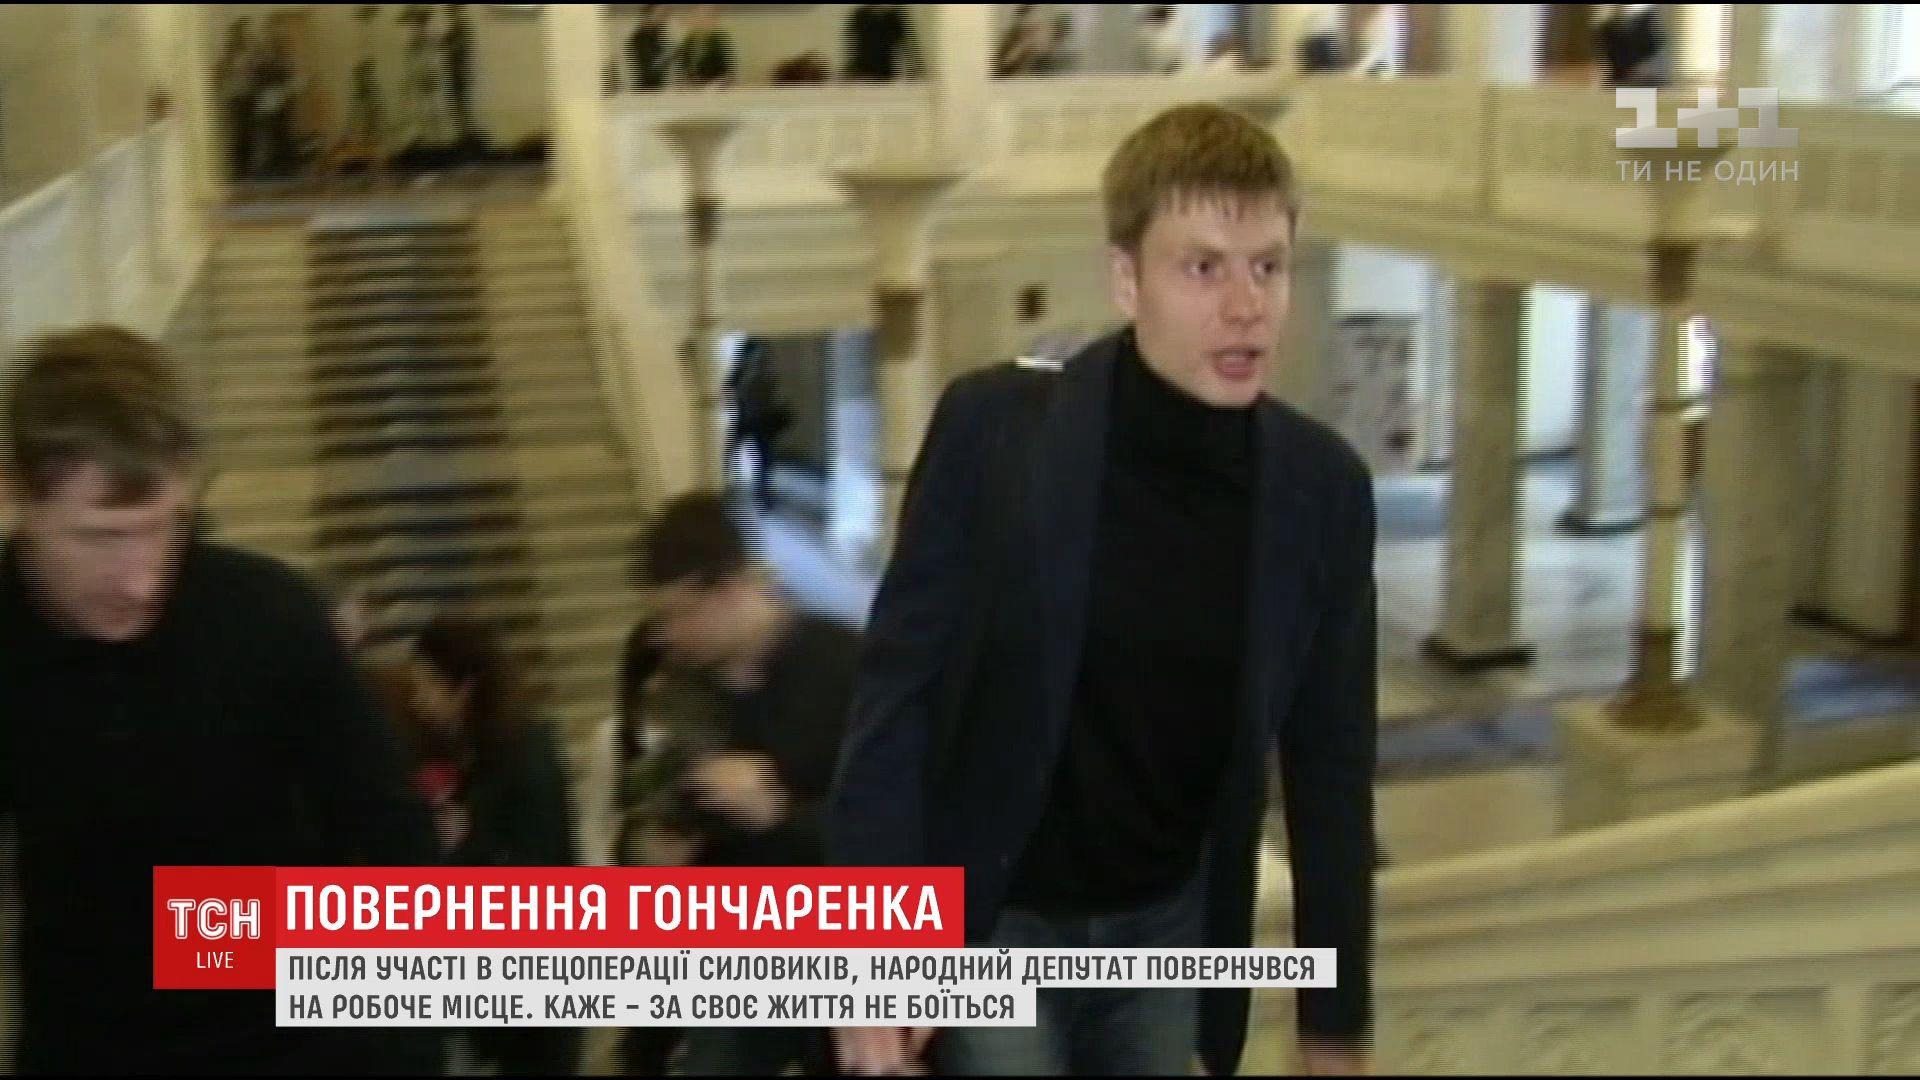 """Нардеп Гончаренко отшучивается по поводу своего """"фейкового"""" похищения /"""